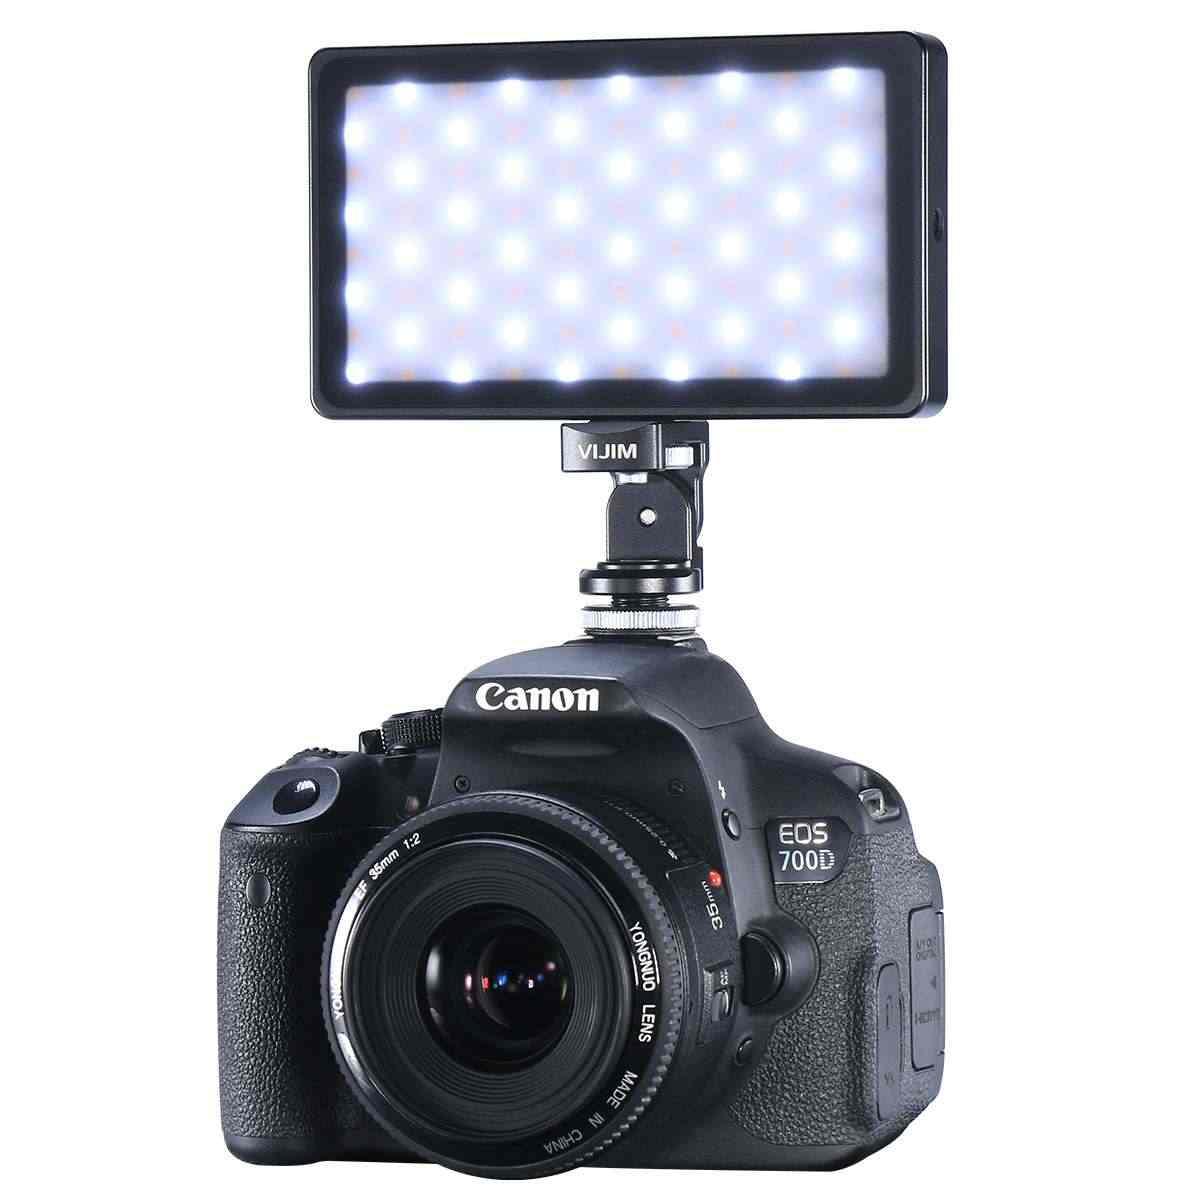 Vijim VL-2 Portabel Fotografi Foto Studio RGB LED Video Light 2500 K-8500 K Lampu dengan 3200 M Ah panjang Yang Sangat Baik Hidup Baterai